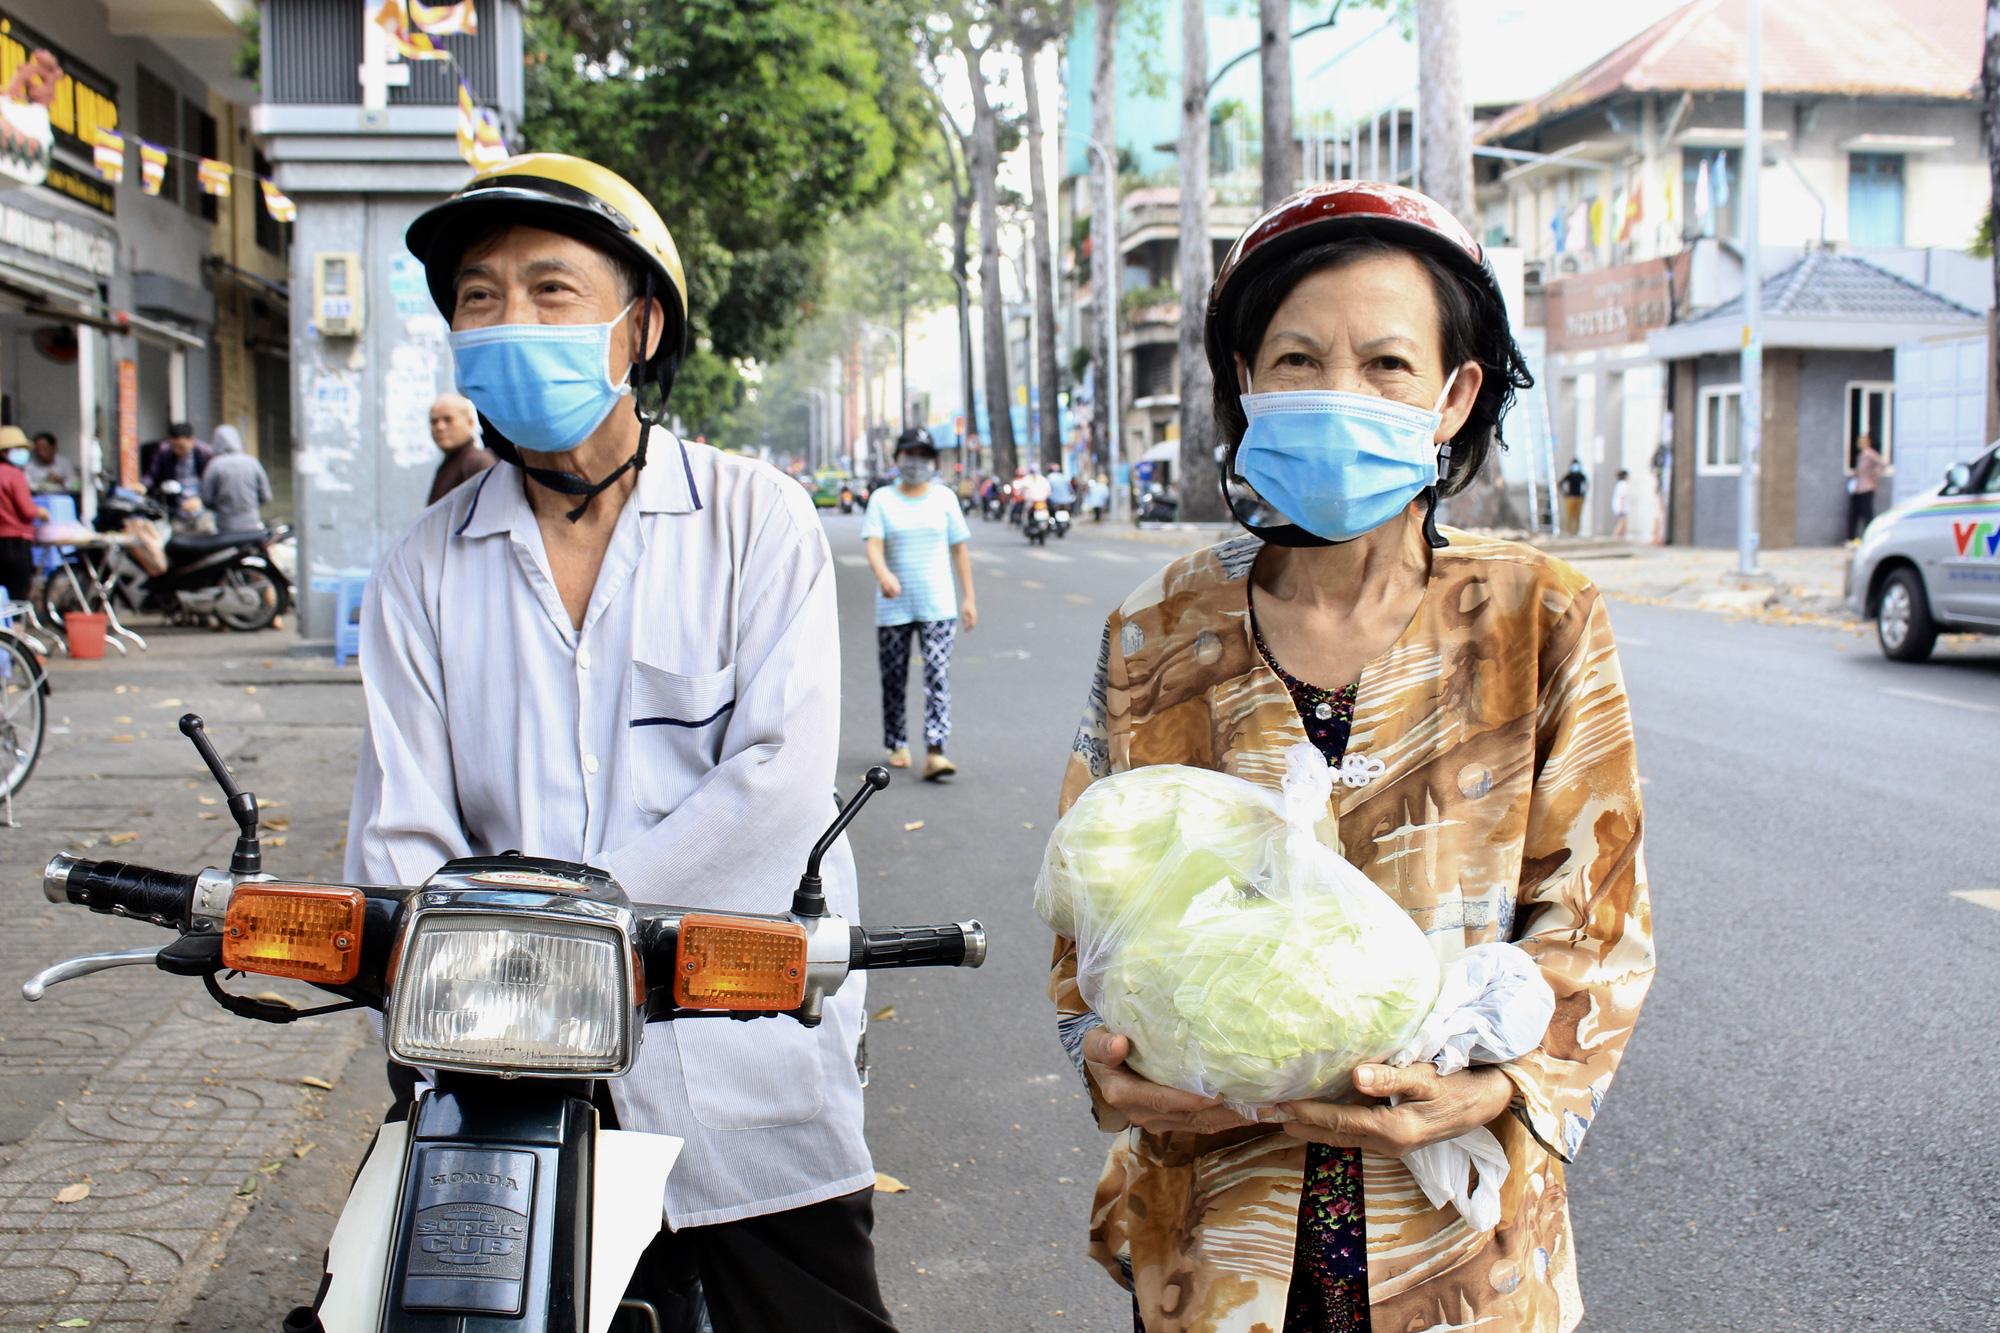 Ảnh: Cảm động người dân TP.HCM ùn ùn giải cứu rau củ Hải Dương, bưởi đặc sản hỗ trợ nông dân - Ảnh 4.